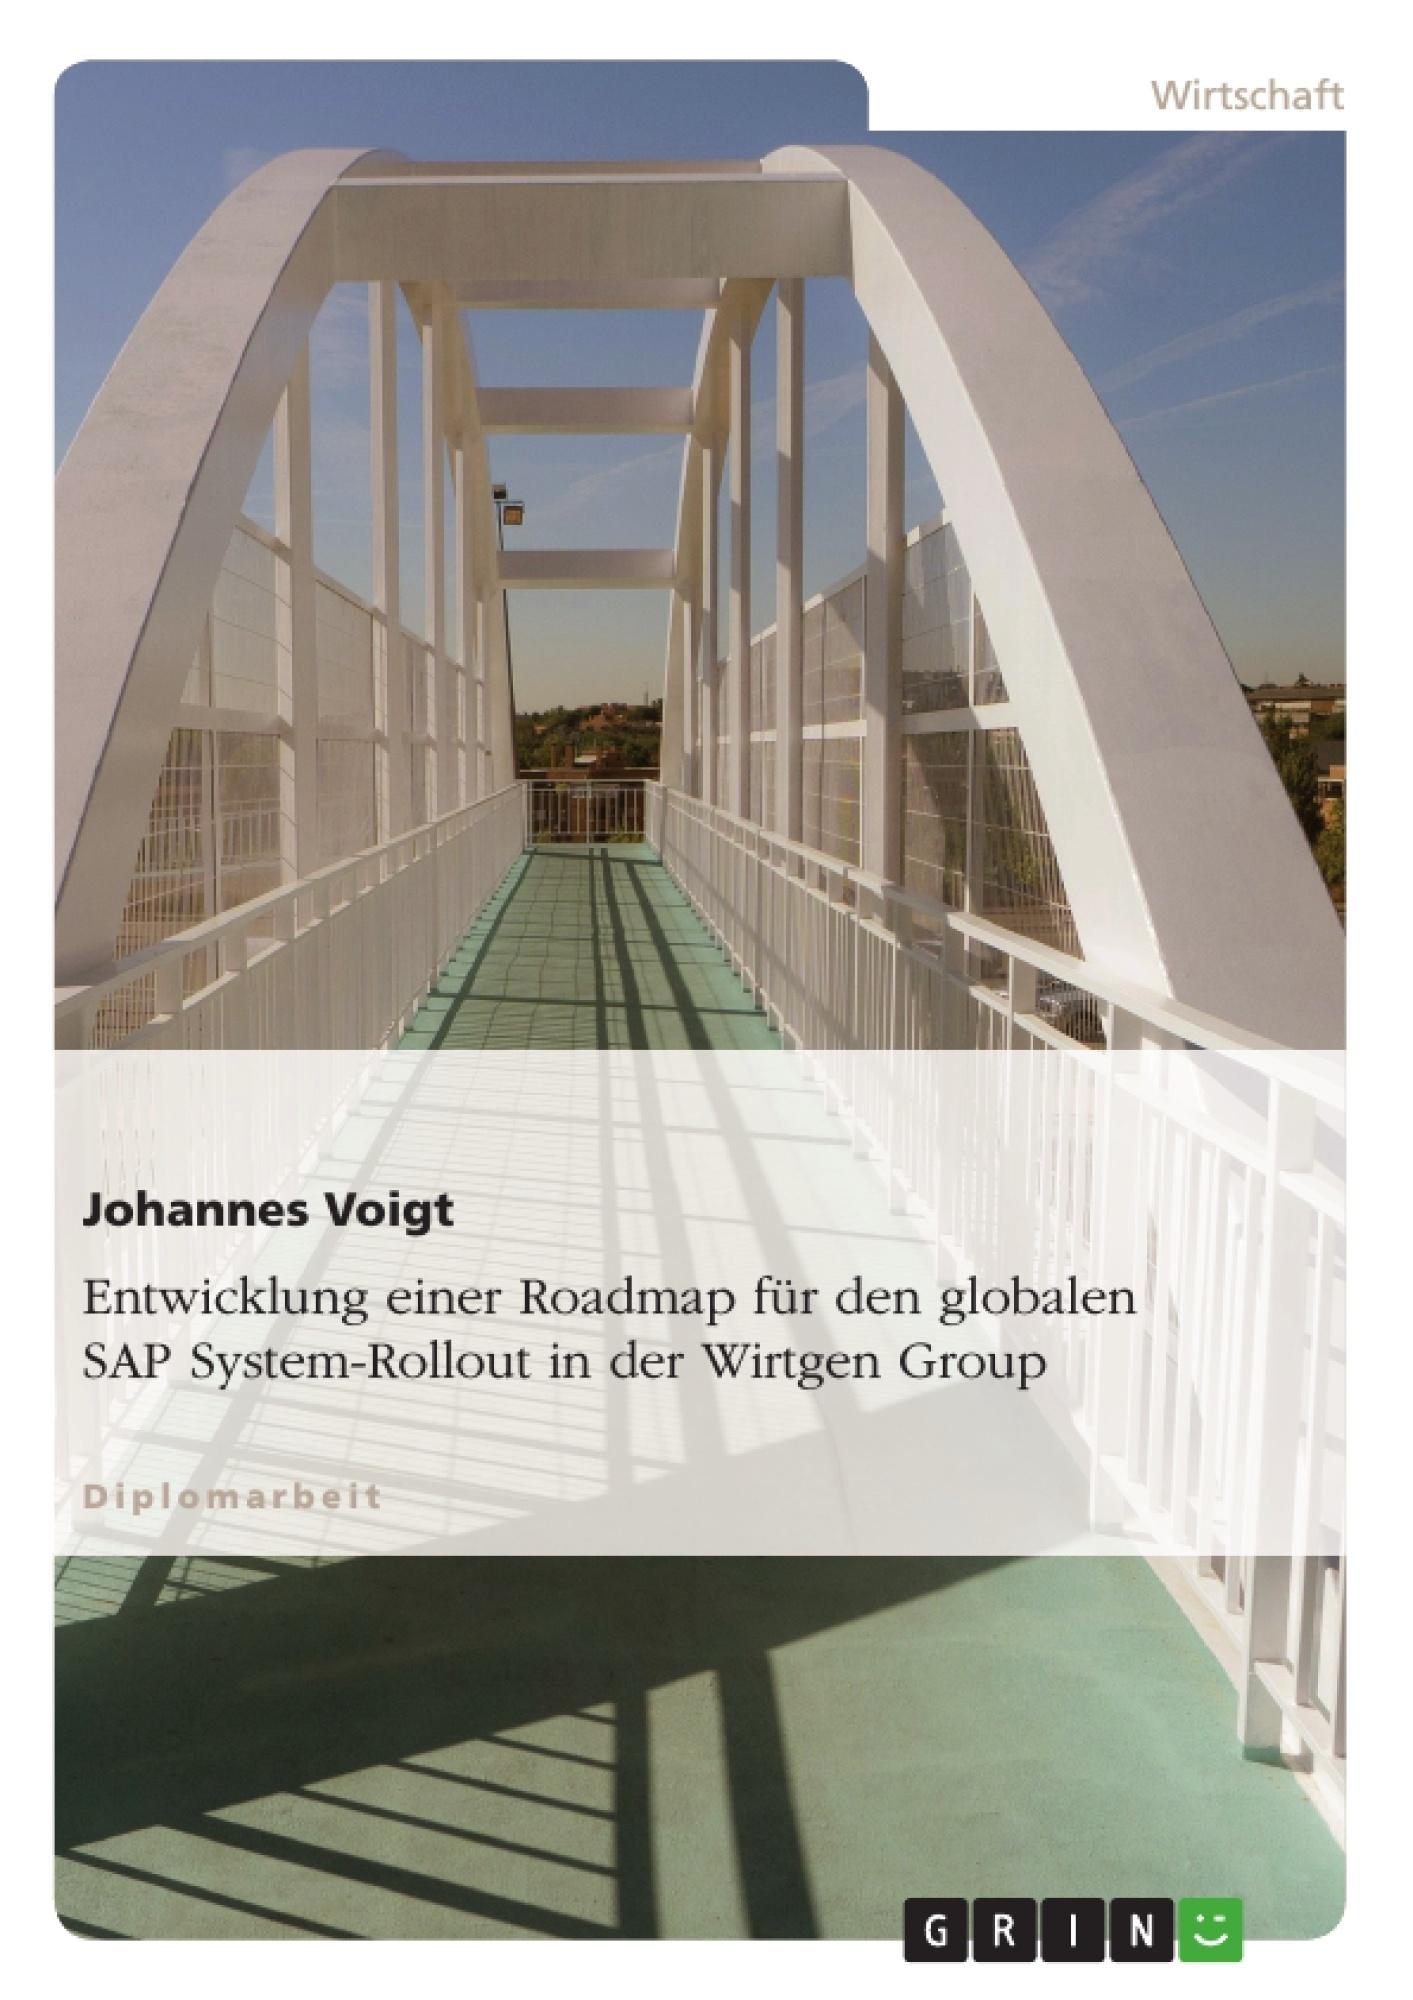 Titel: Entwicklung einer Roadmap für den globalen SAP System-Rollout in der Wirtgen Group